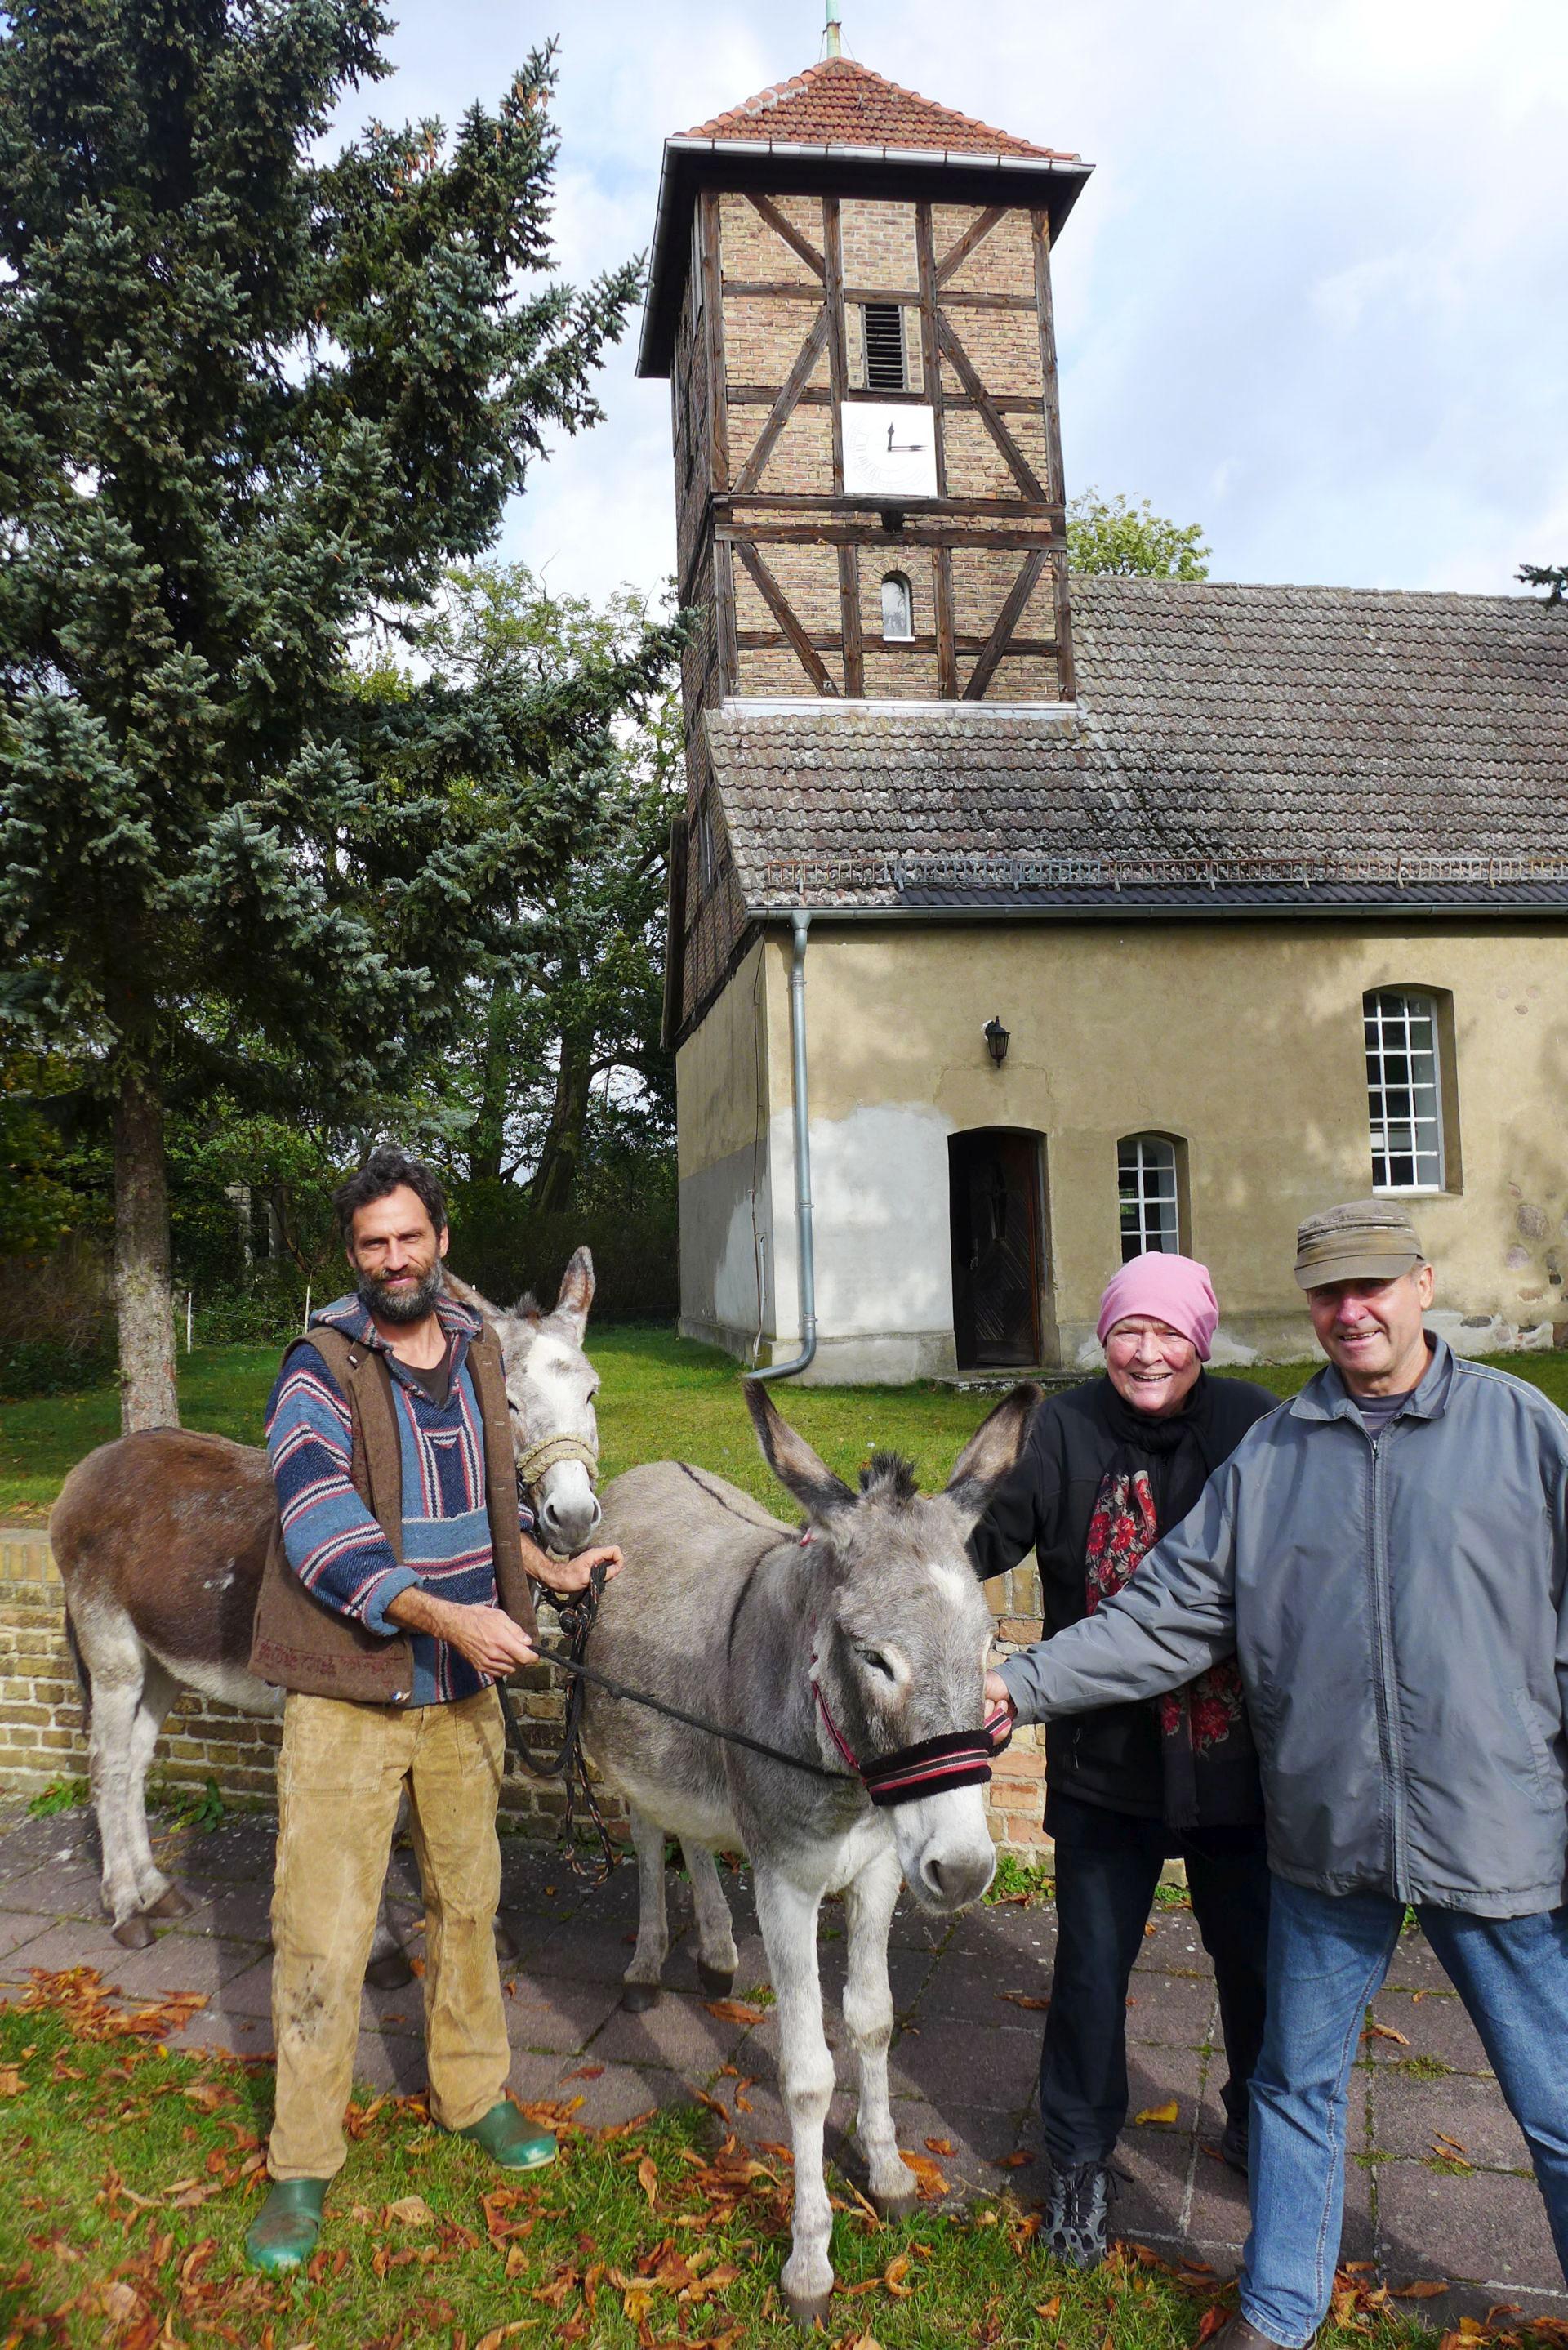 Esel-Pilger-Lichtkirche Neuendorf mit Theda v. Wedel-Schunk